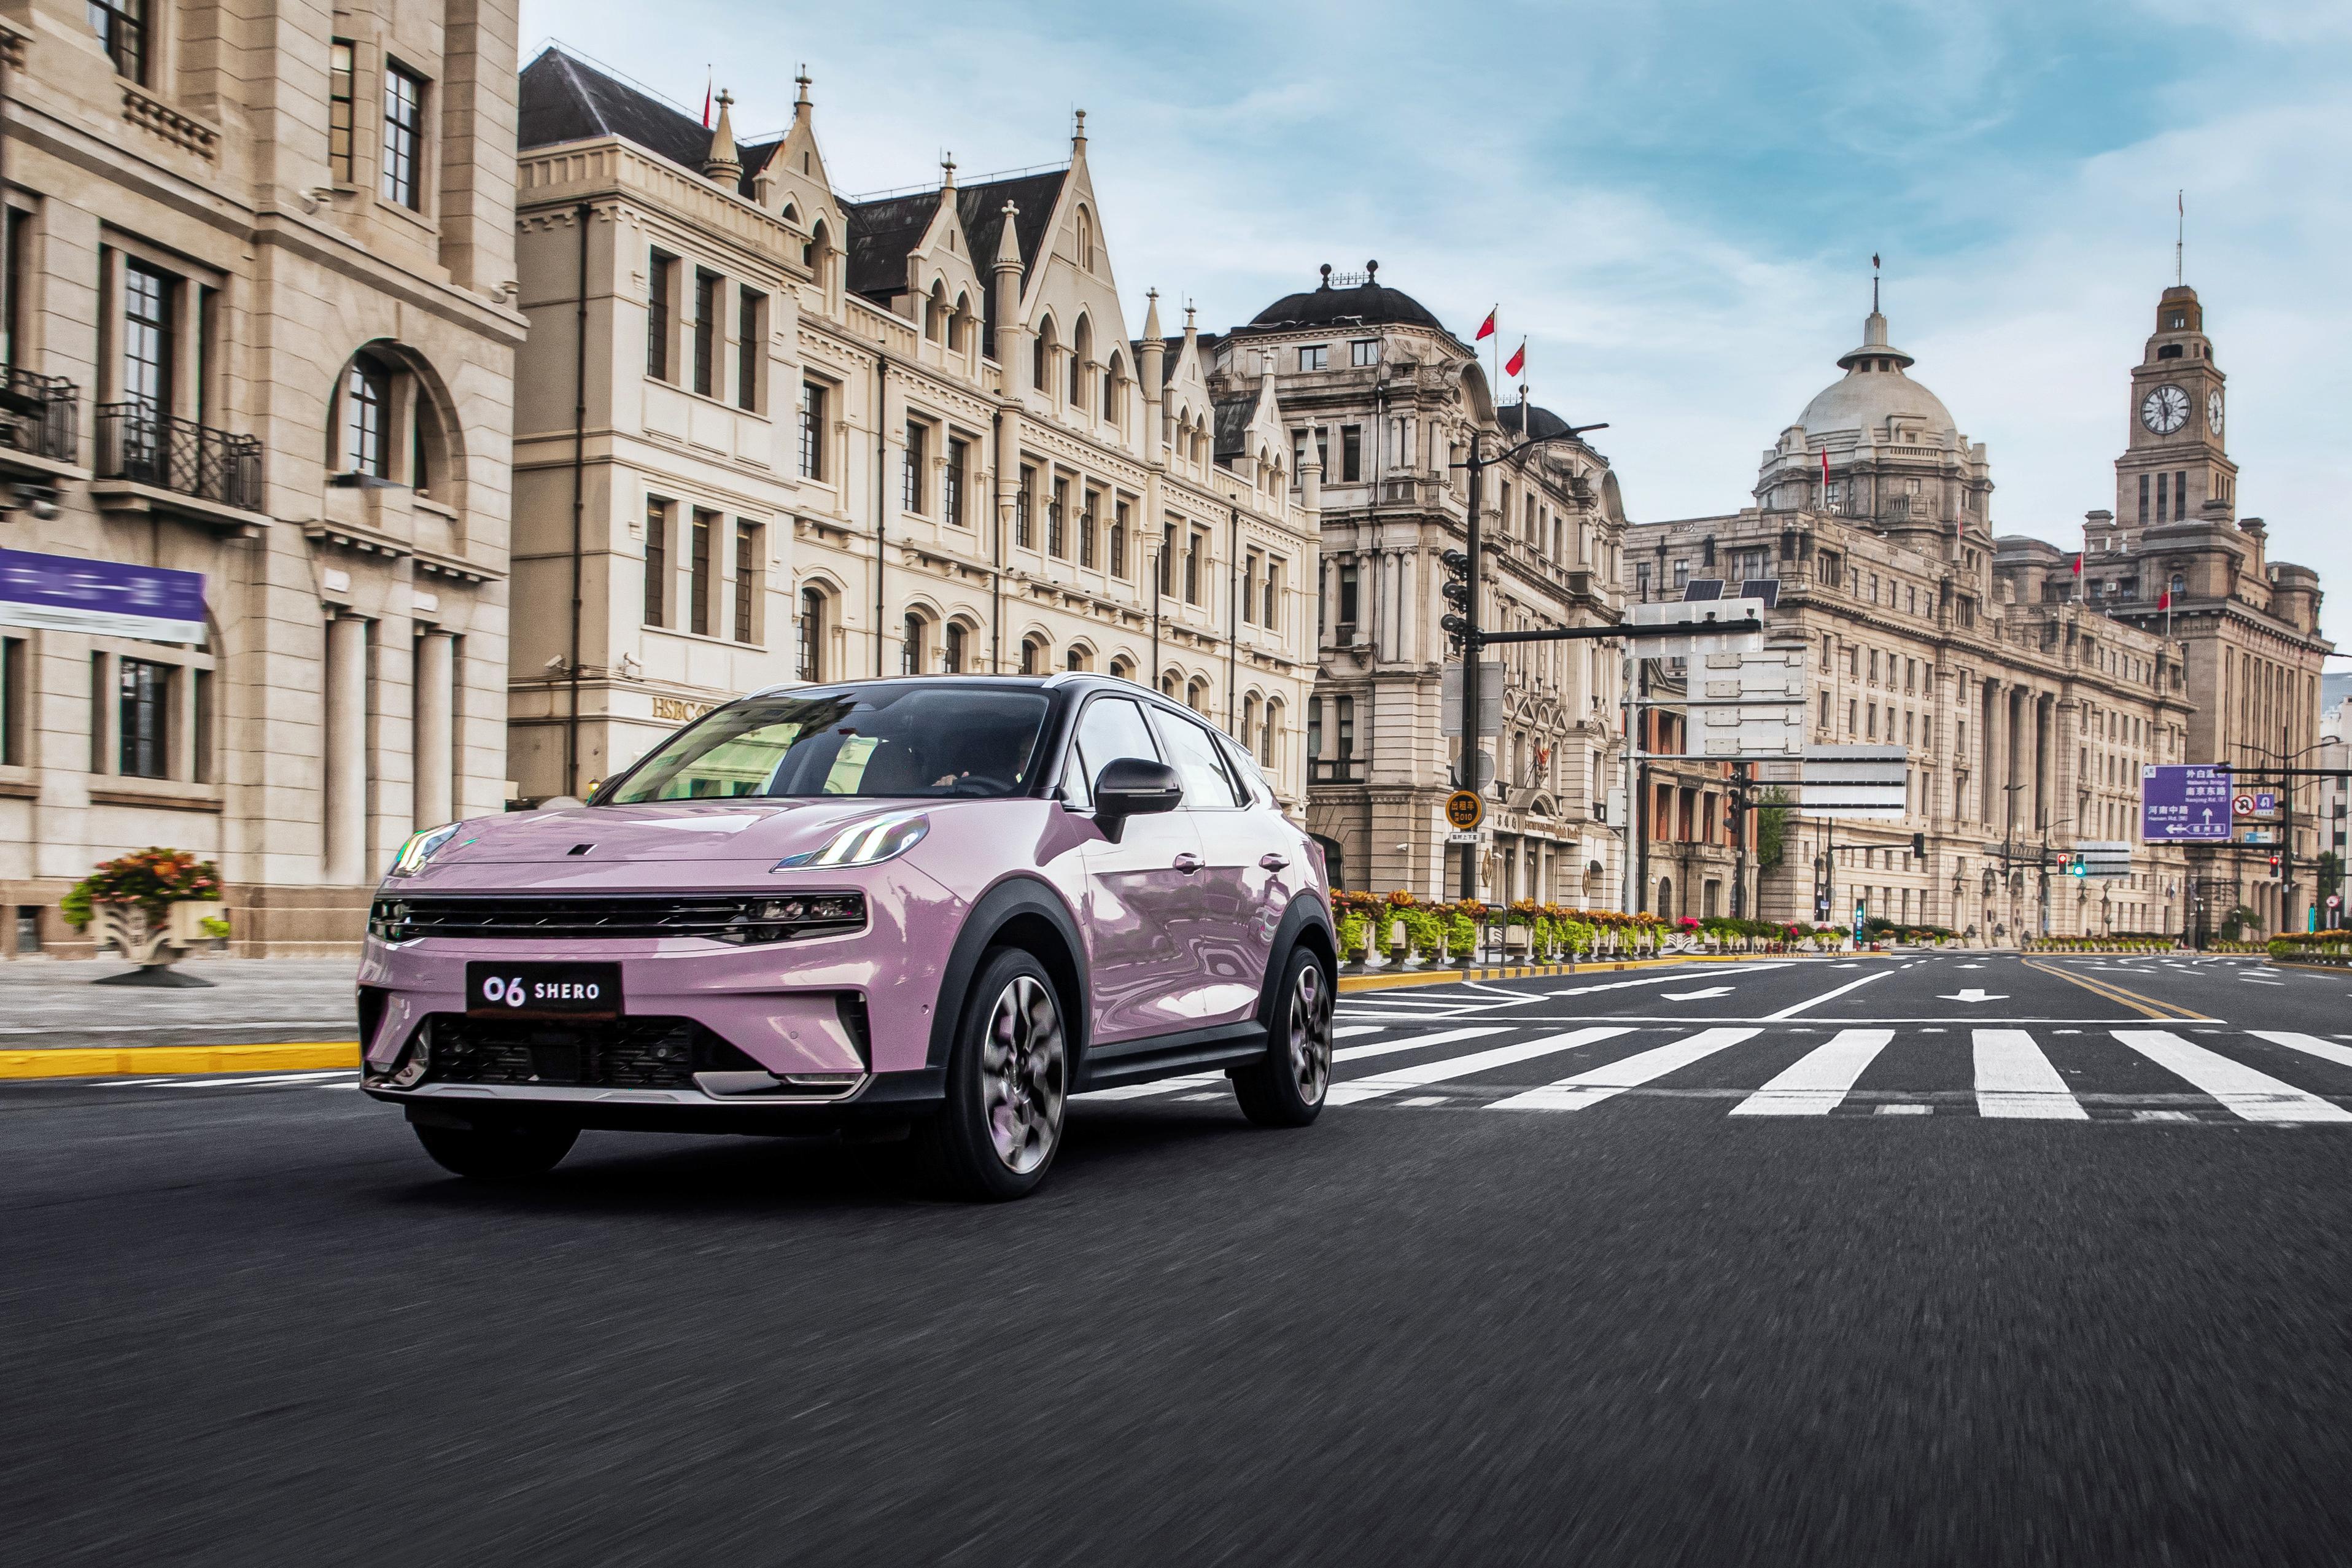 领克06粉色版上市,女性力量成为下一个汽车消费市场蓝海?